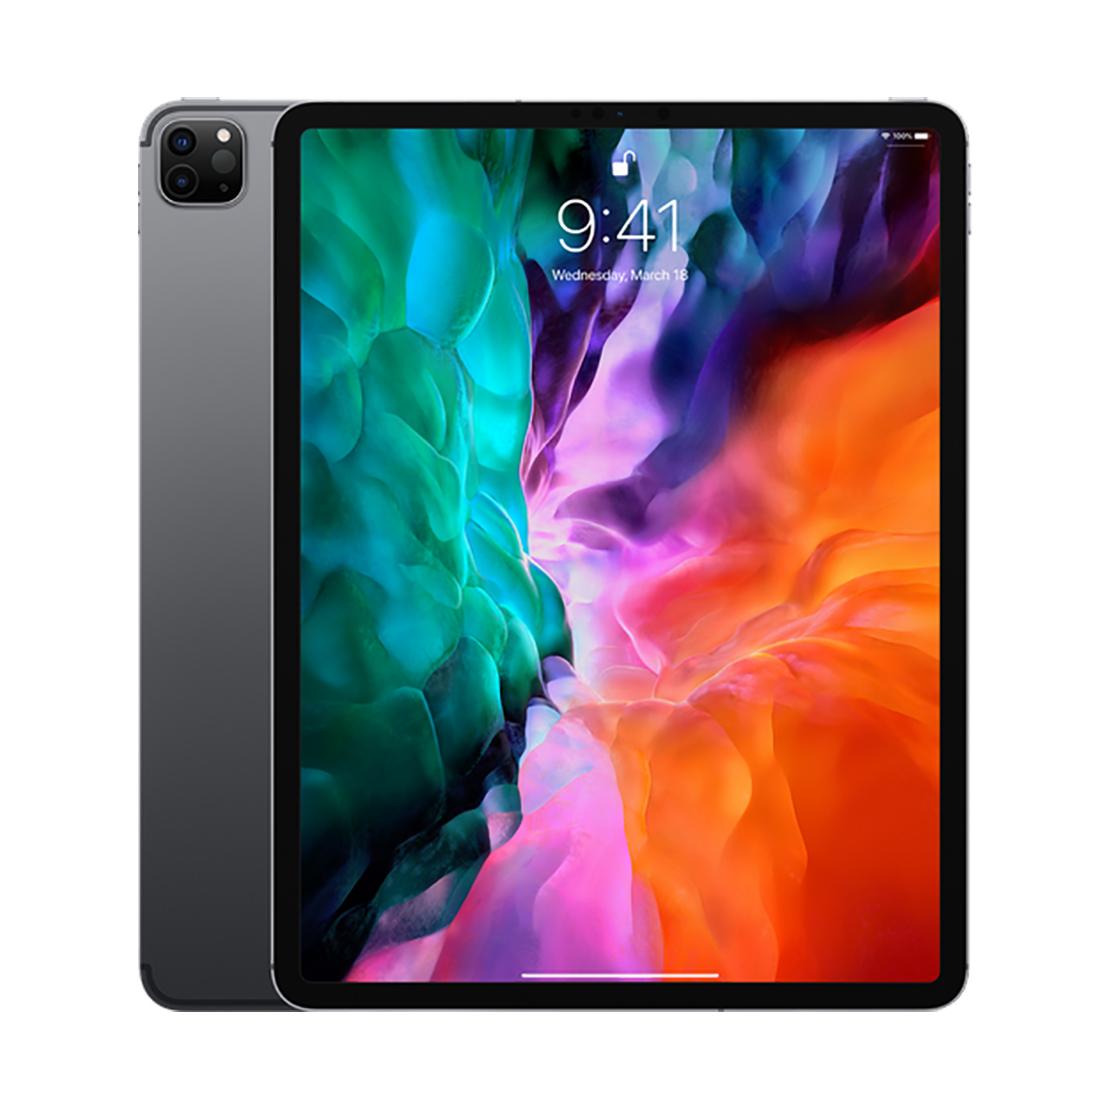 ipad-pro-2020-12-9-inch-wifi